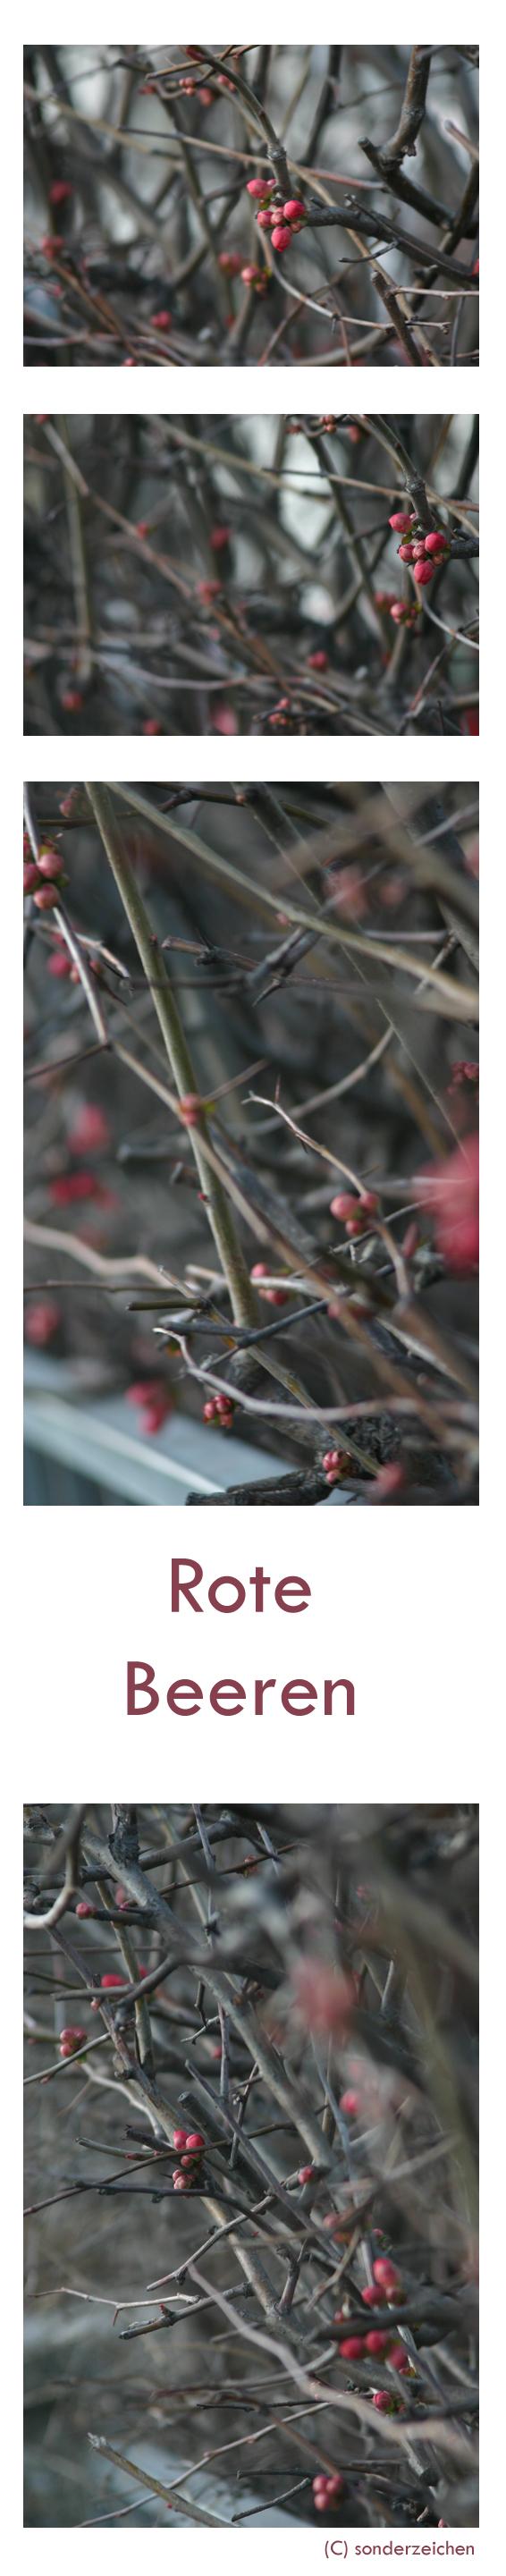 Rote Beeren by sonderzeichen